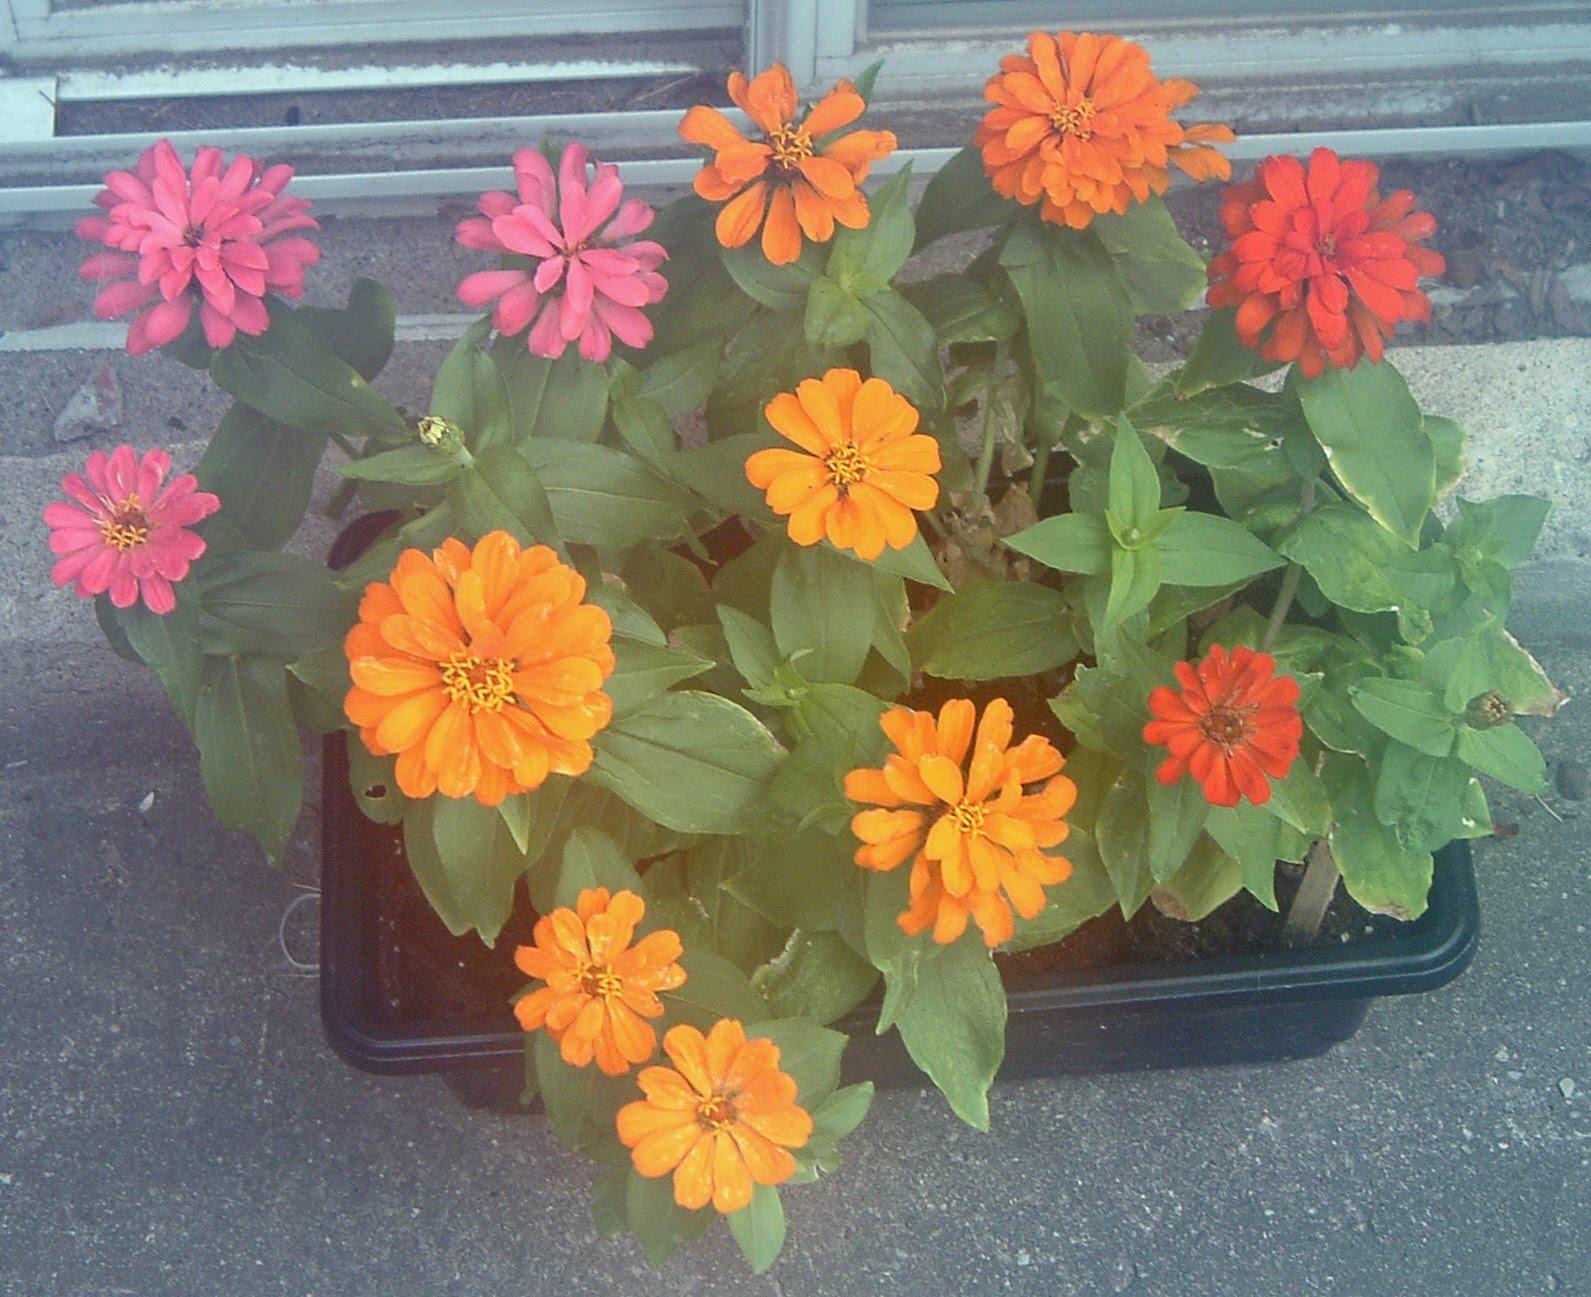 Toronto Gardening All Year Round August 2010